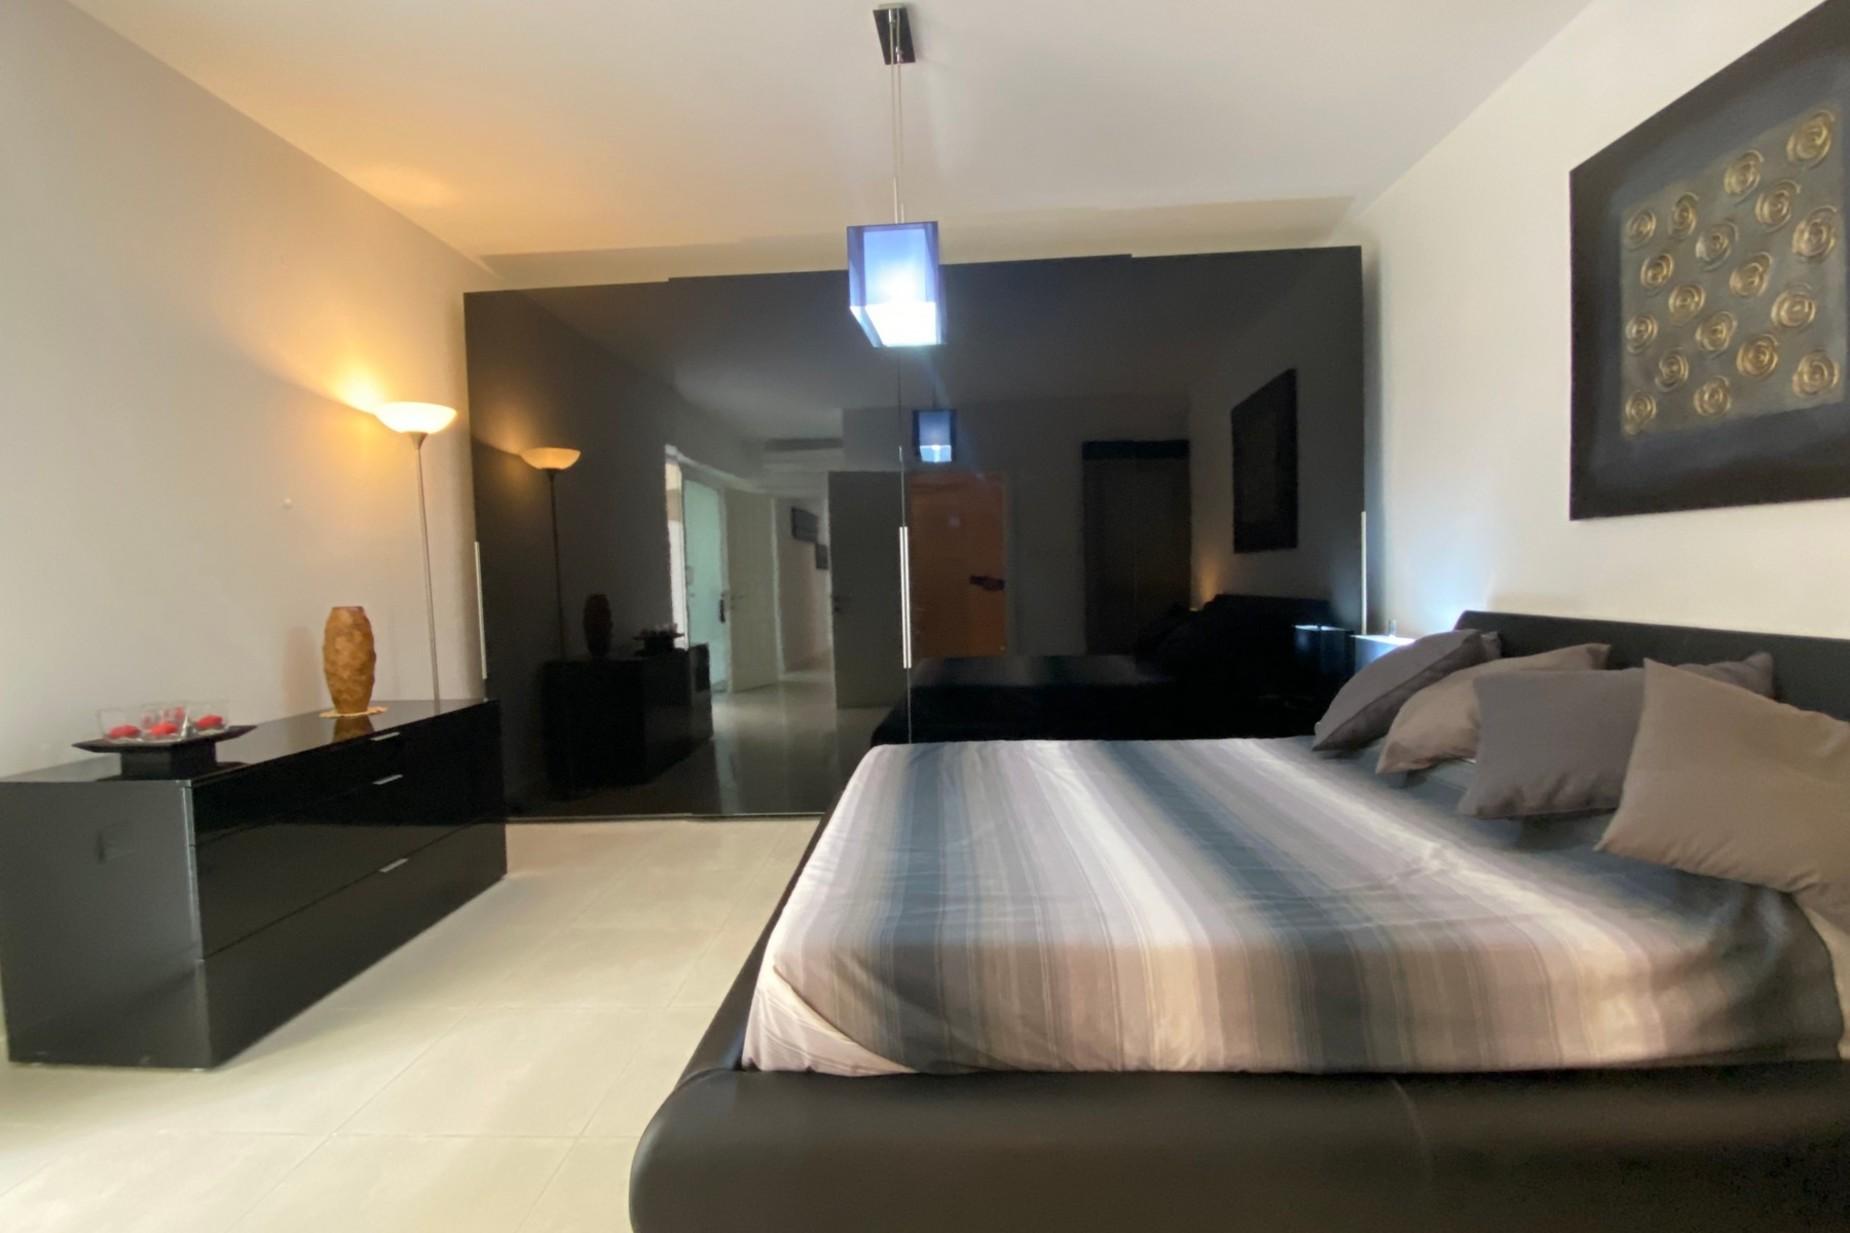 3 bed Apartment For Sale in Pieta, Pieta - thumb 20